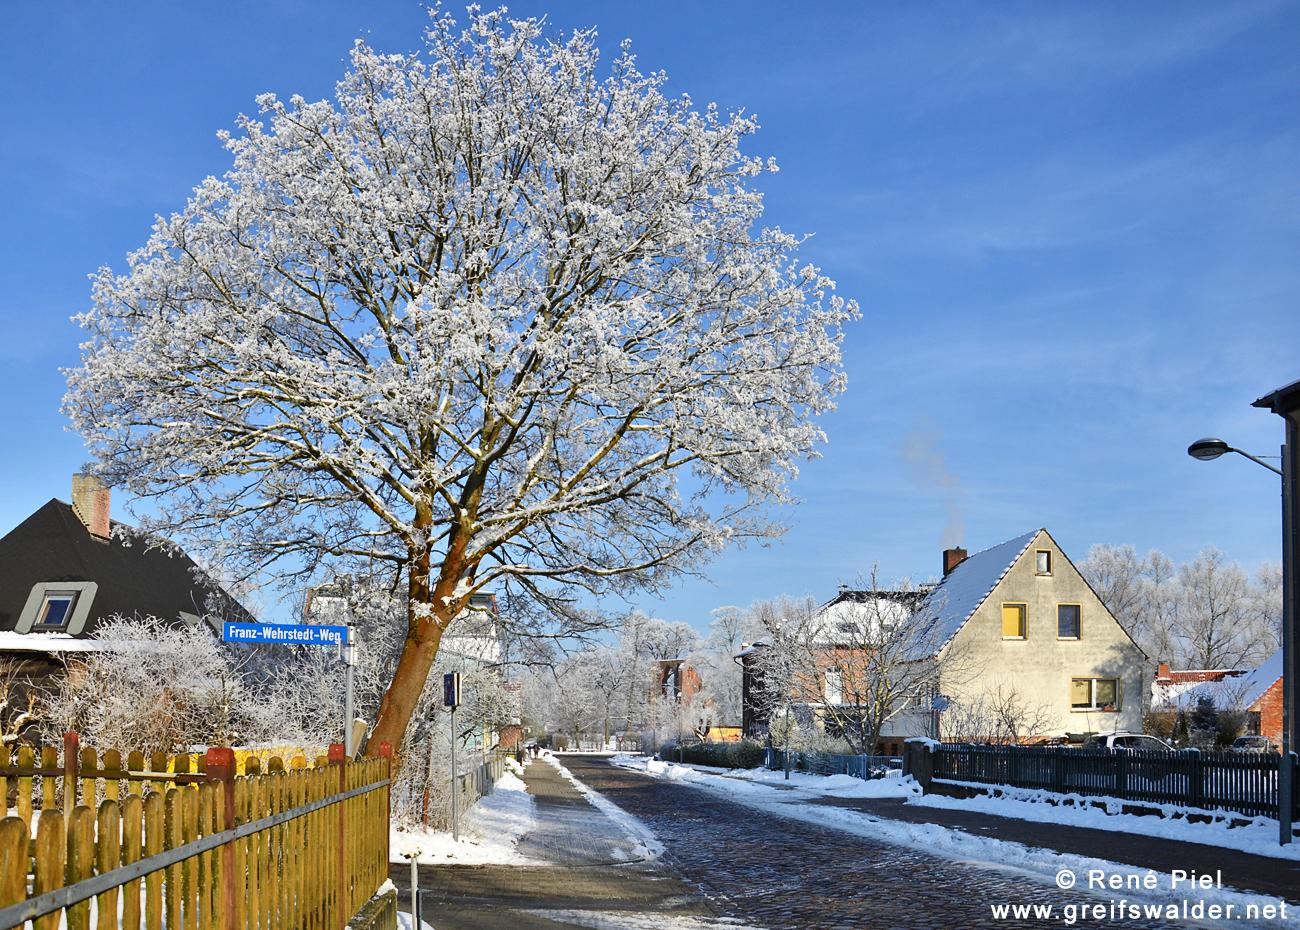 Greifswald-Eldena - Blick auf die Klosterruine